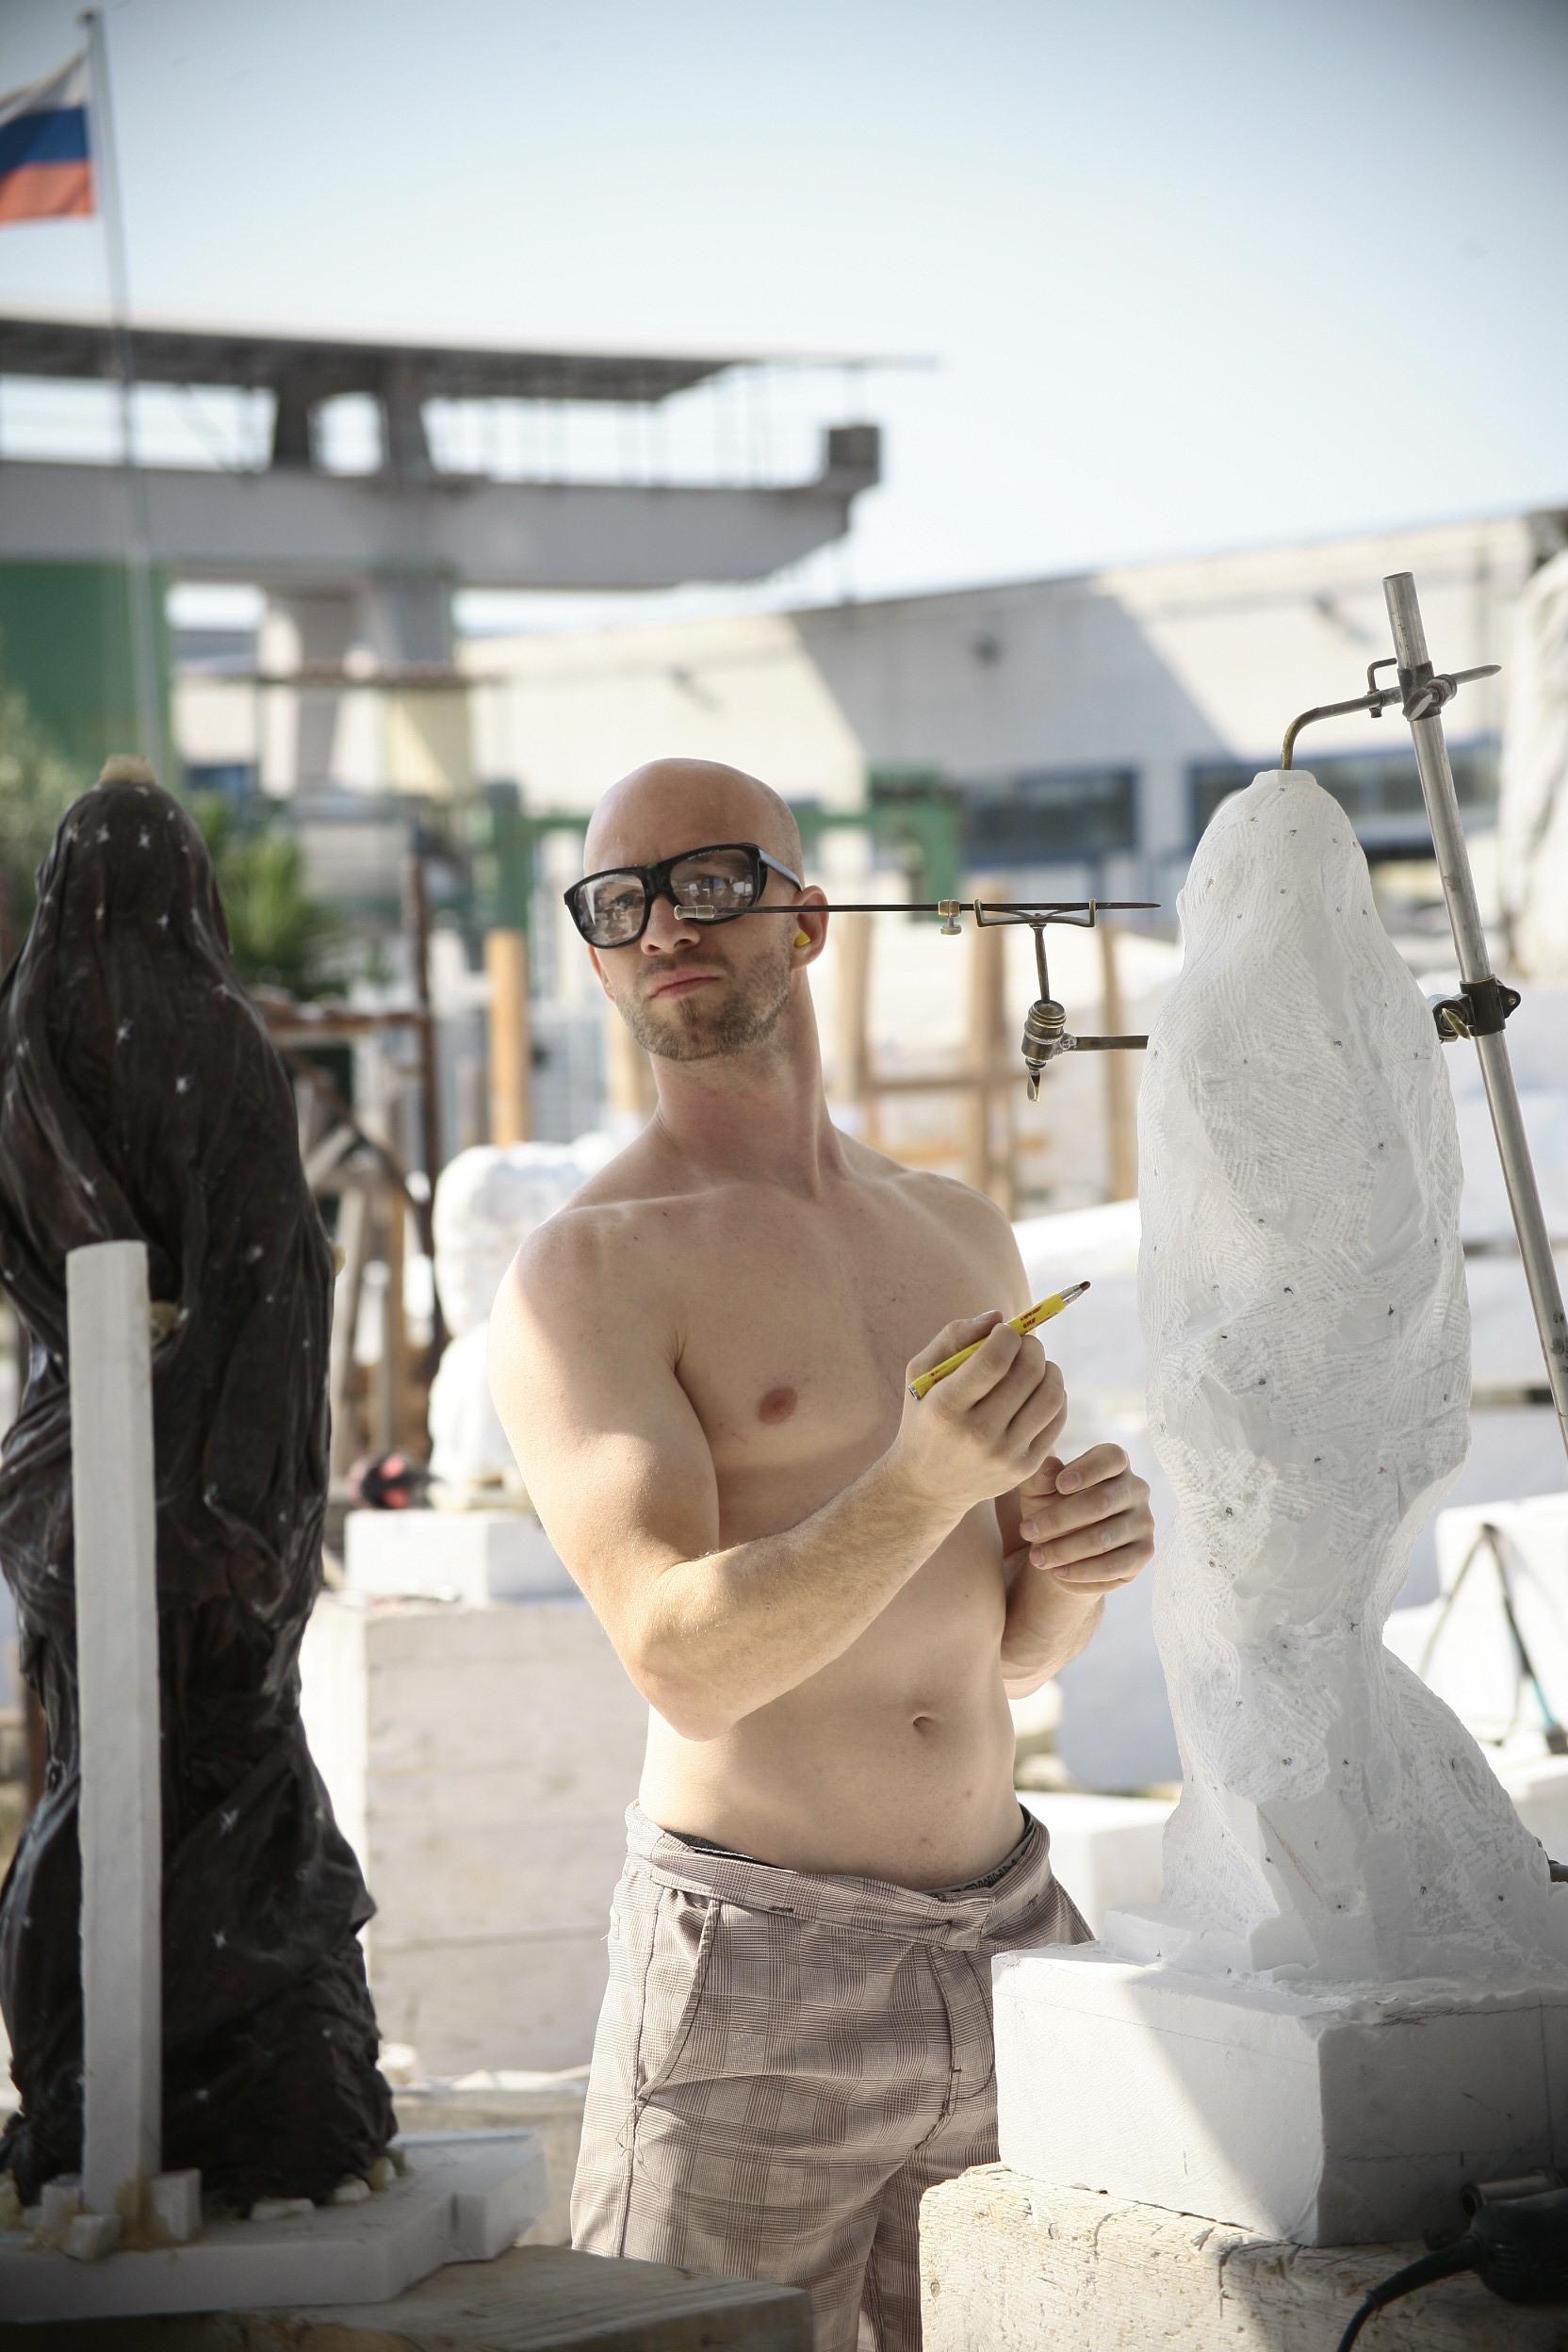 New-York-Academy-of-Art-Carrara-Residency-Josh-Henderson-Heena-Kim20140613_0116.JPG